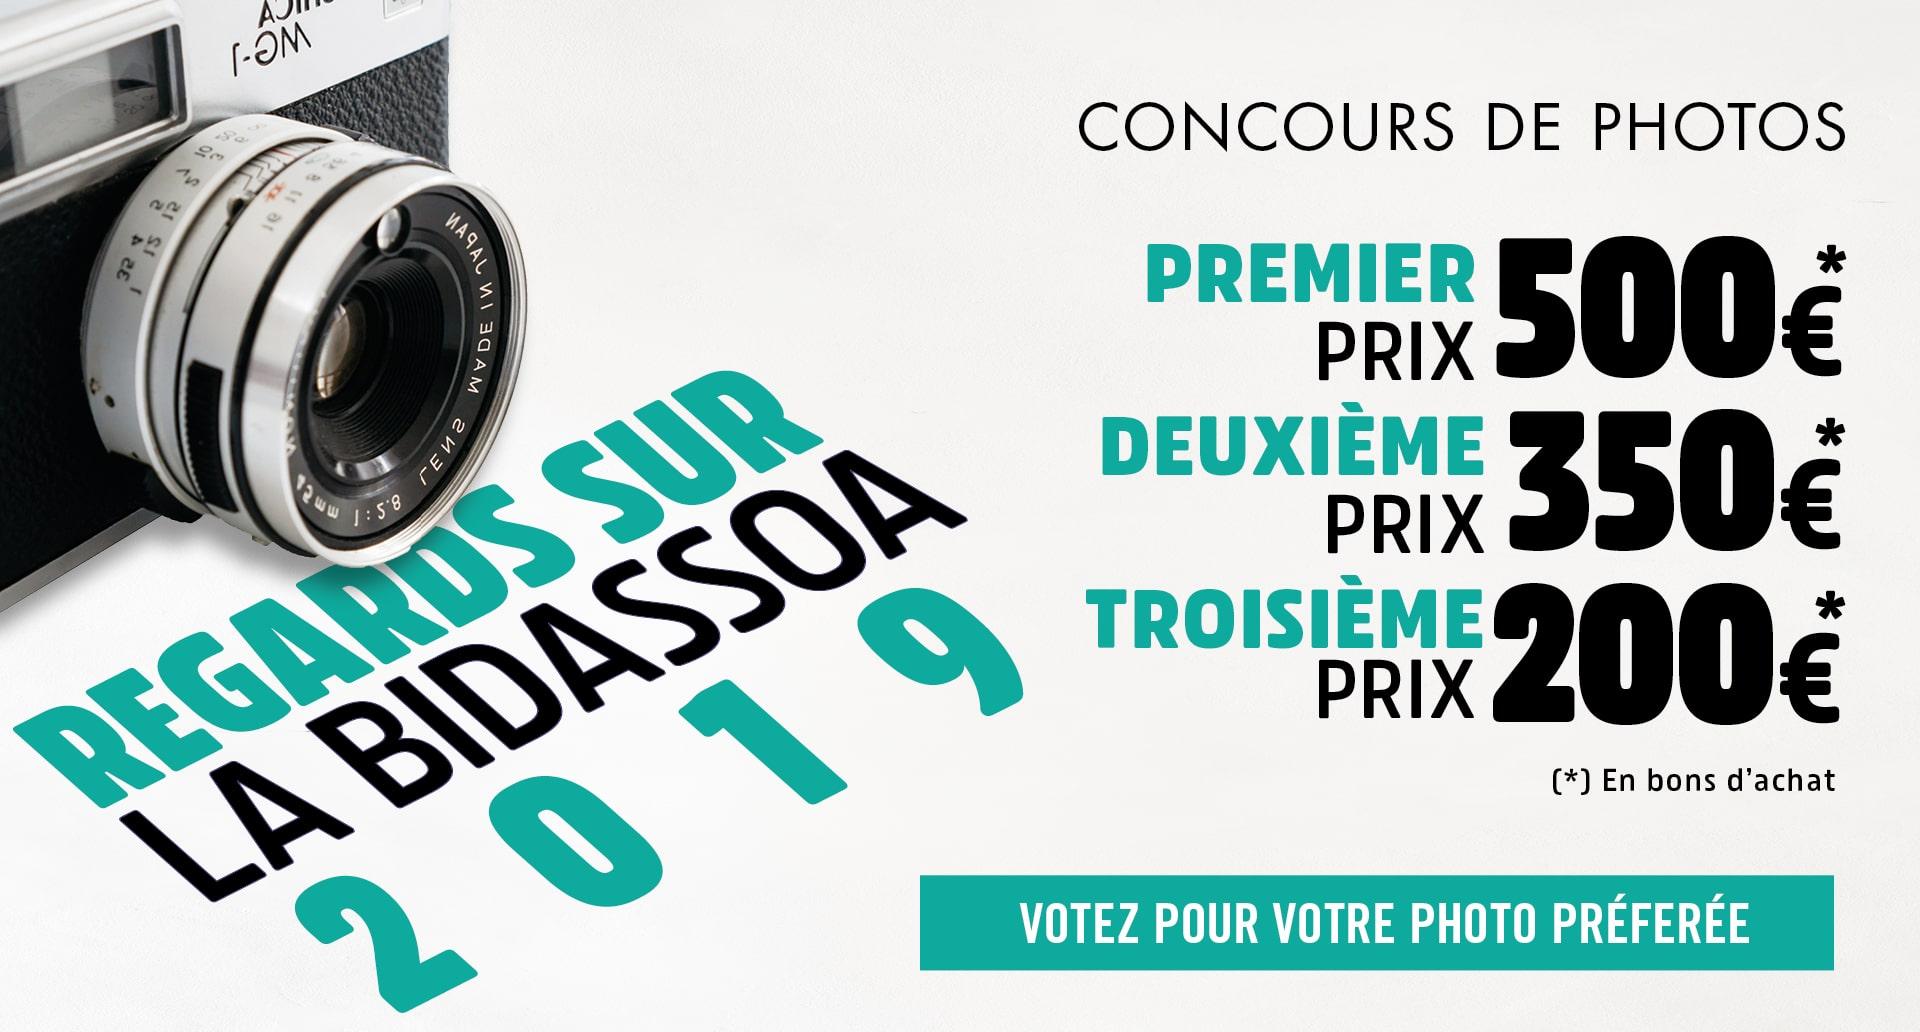 Vous pouvez voter dès maintenant pour vos photos préférées du concours Regards sur la Bidassoa 2019